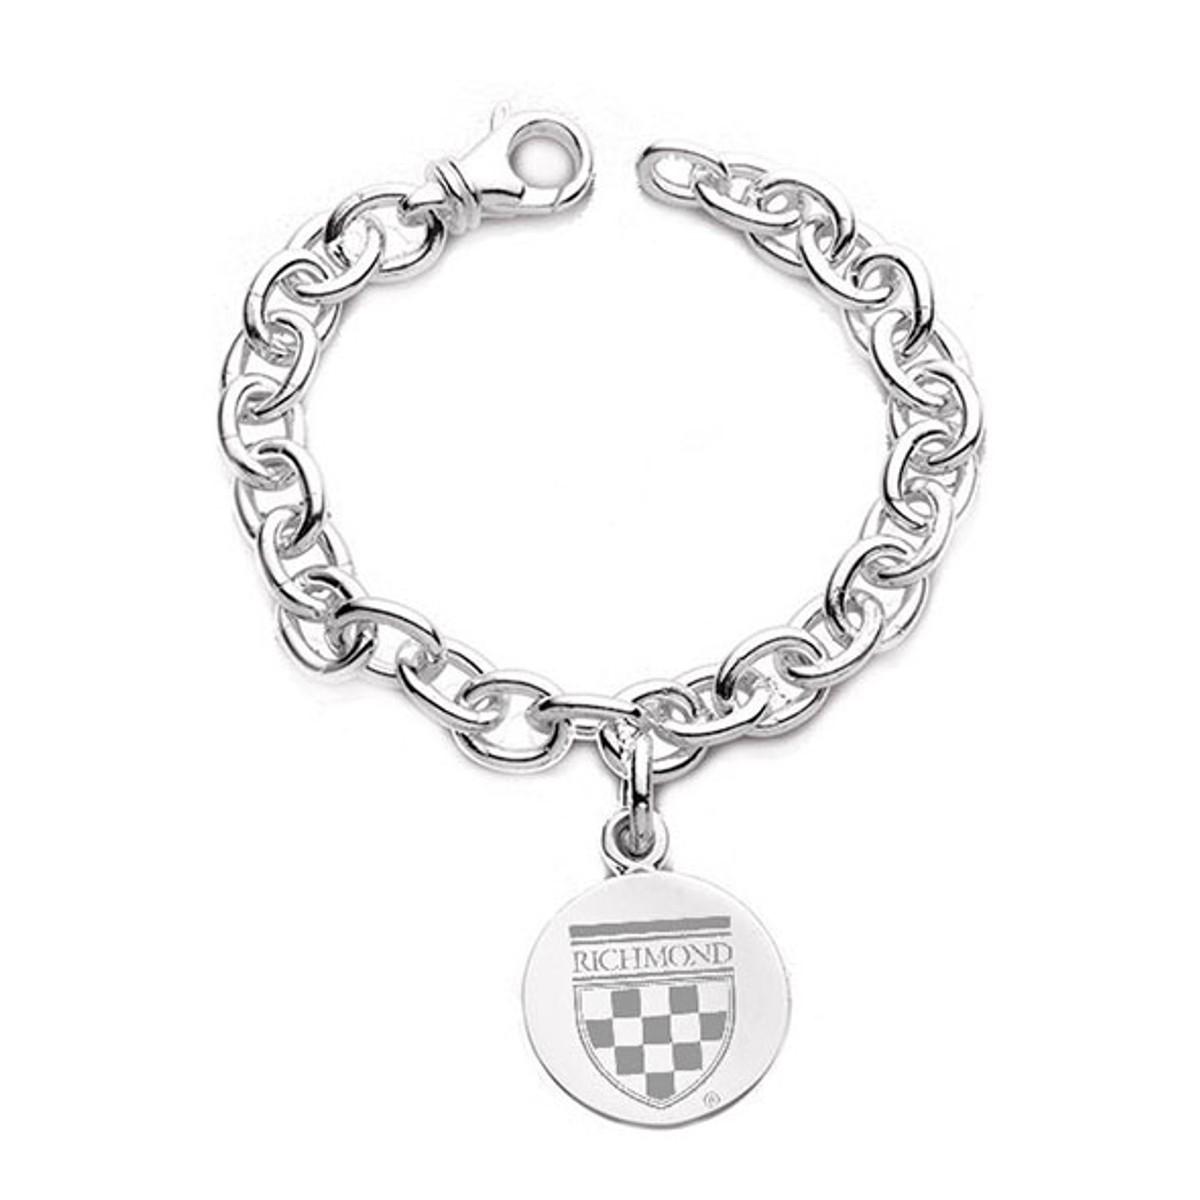 University of Richmond Sterling Silver Charm Bracelet at M